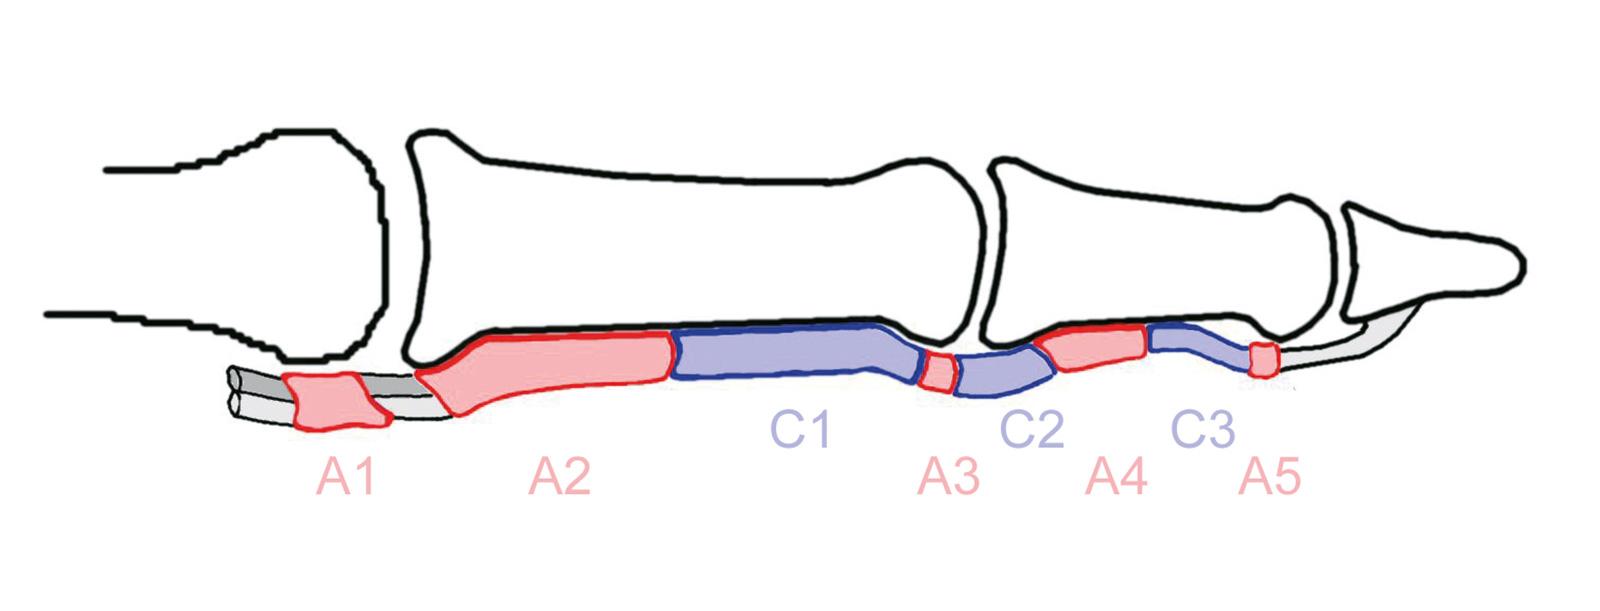 Abb. 7-14: Ringbänder A1 bis A5 und C1 bis C3